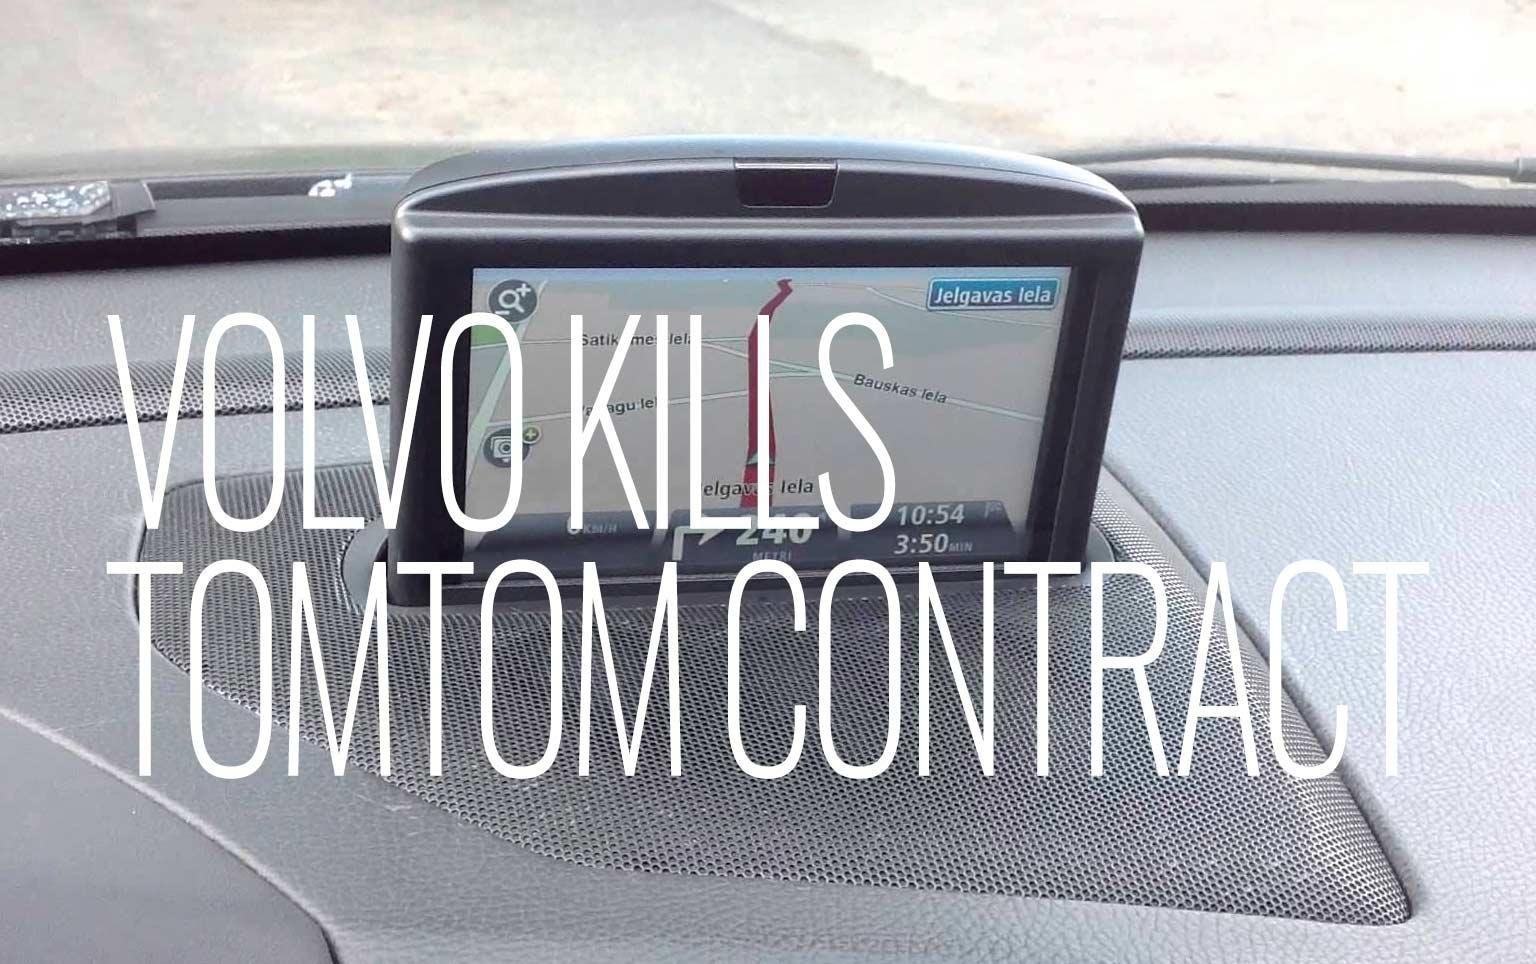 Volvo Tomtom -